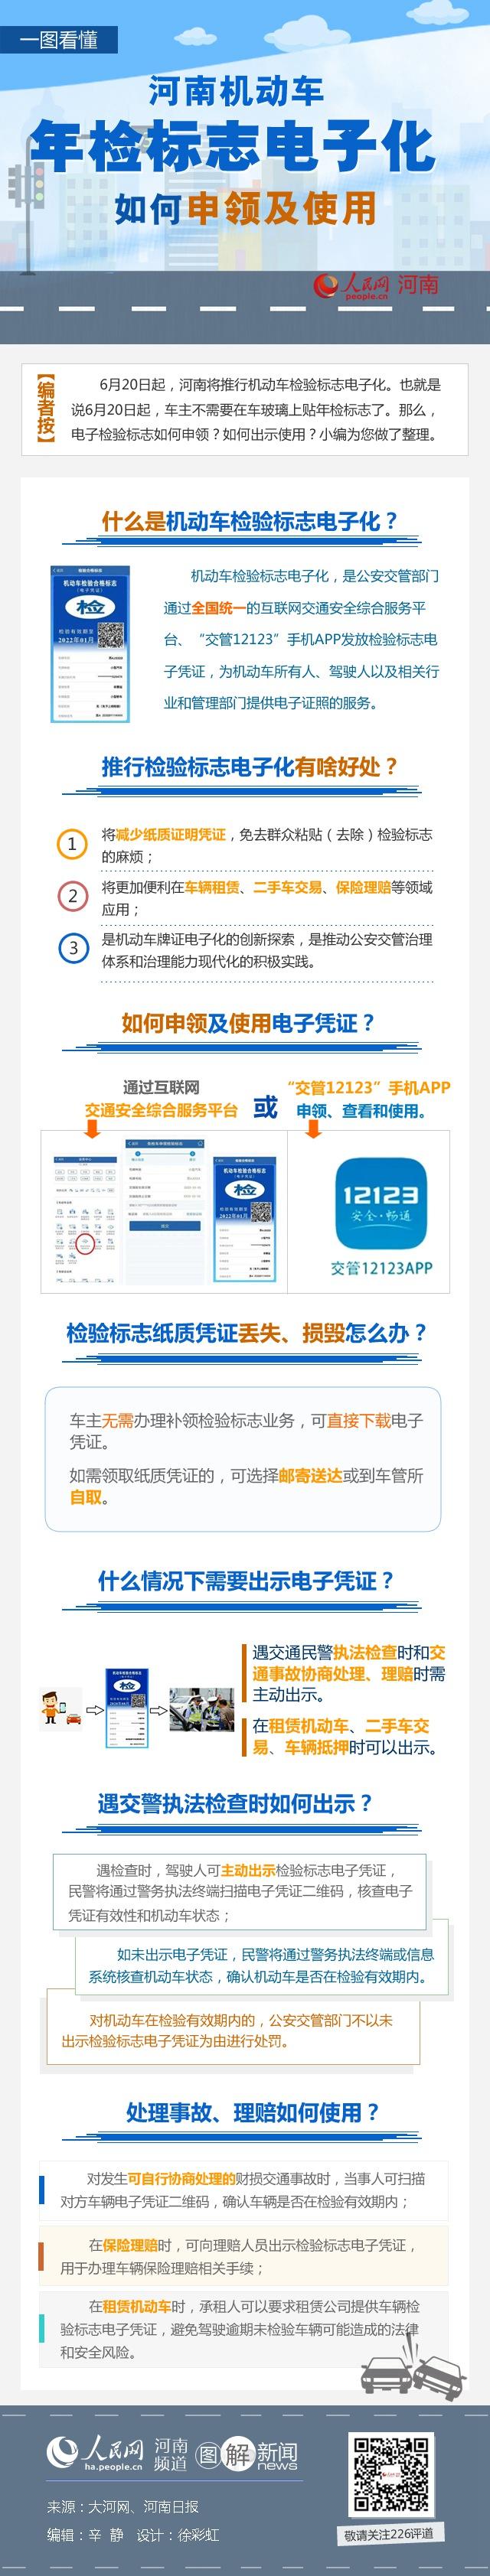 【图解】河南机动车年检标志电子化如何申领及使用